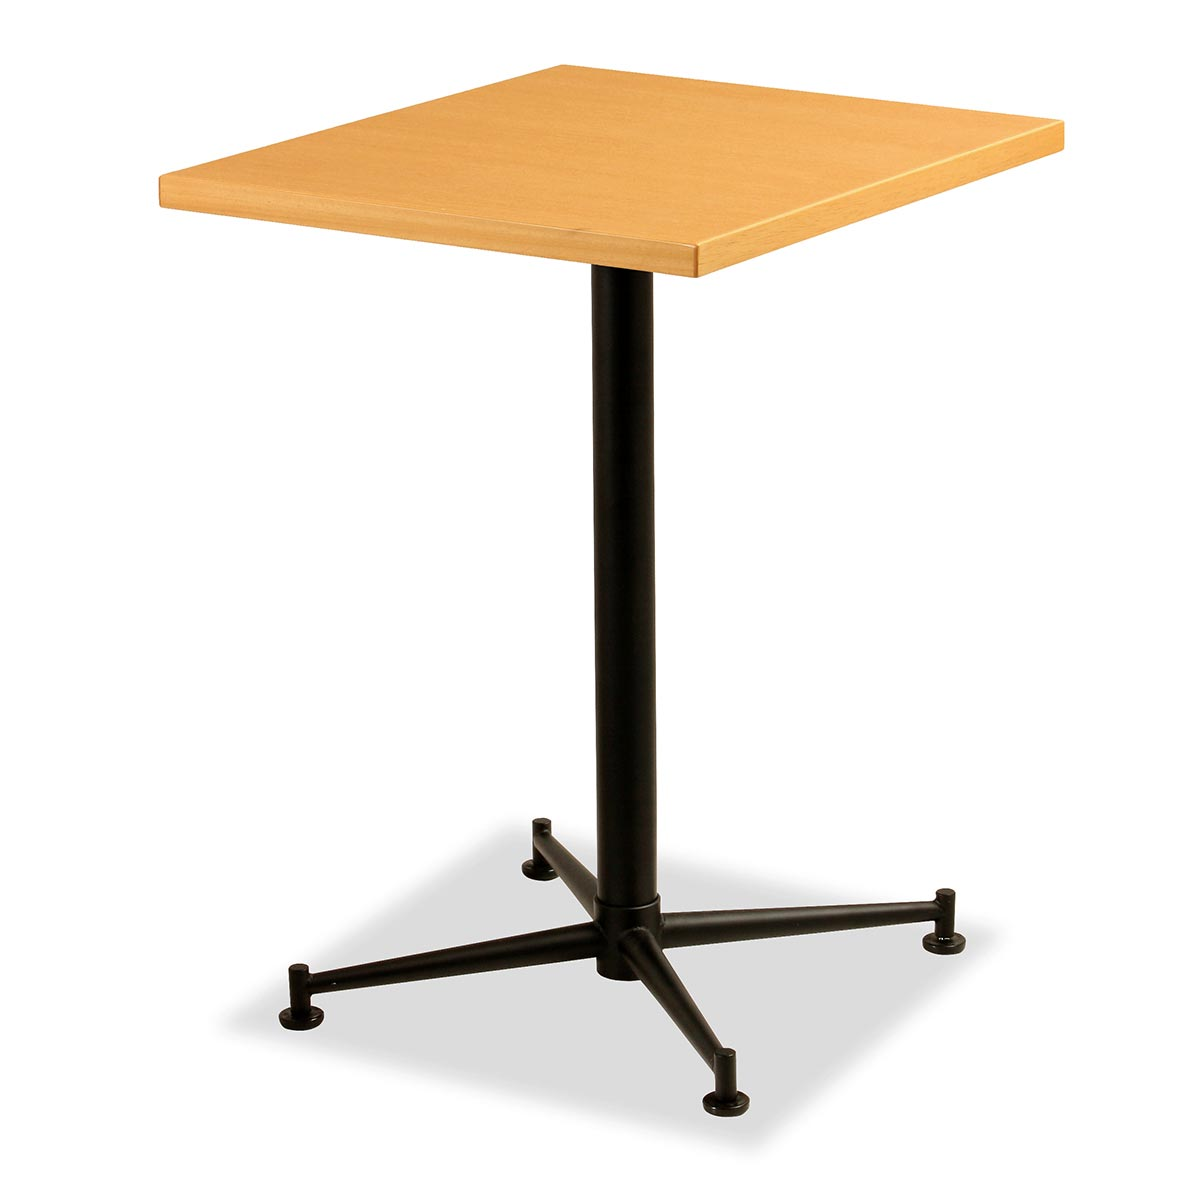 テラモト テーブル KBT-6050T NA ナチュラル OT-630-015-0